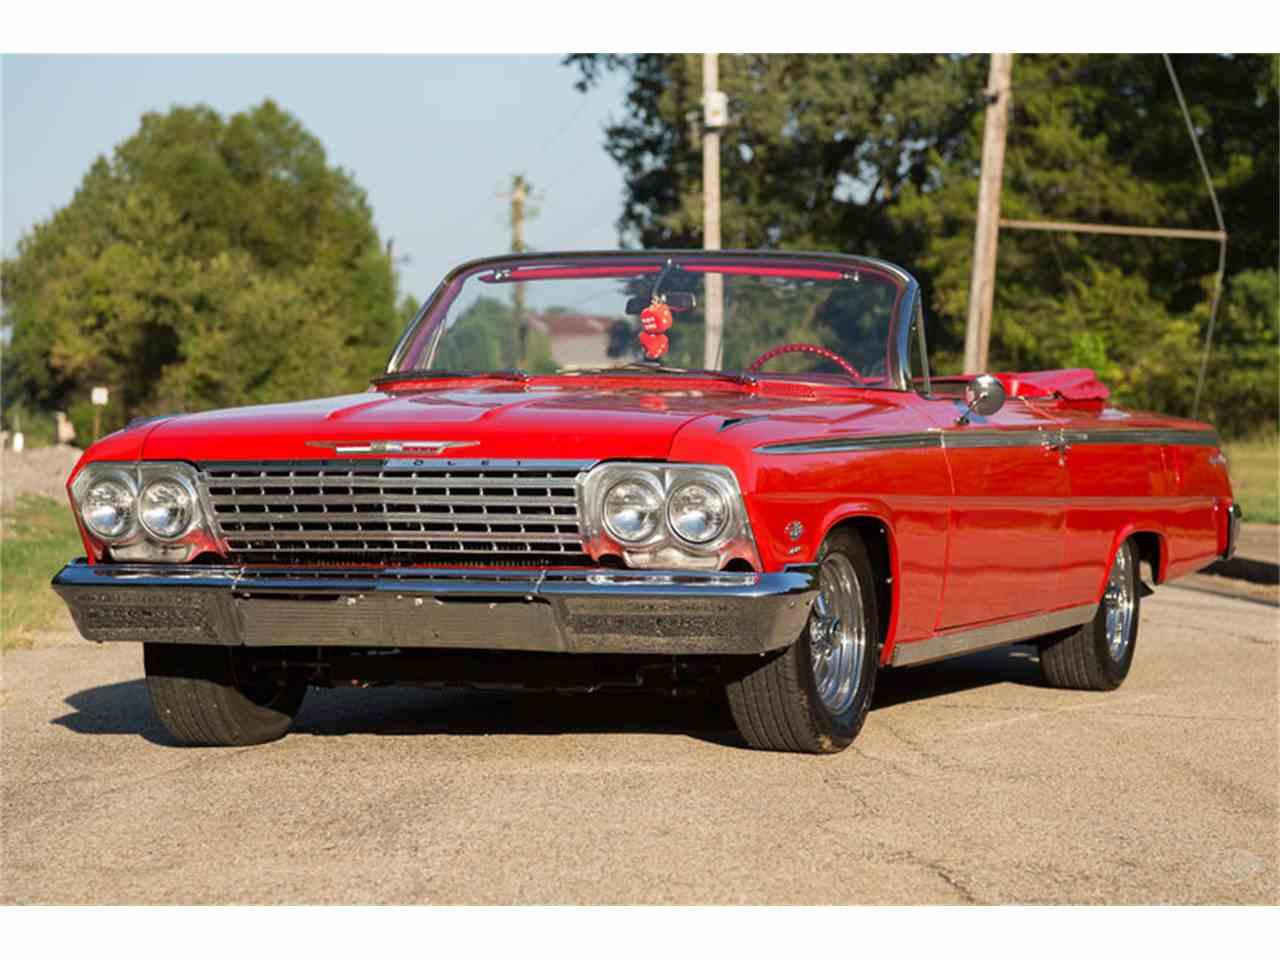 1962 Chevy Impala SS  Impala Ss 1962